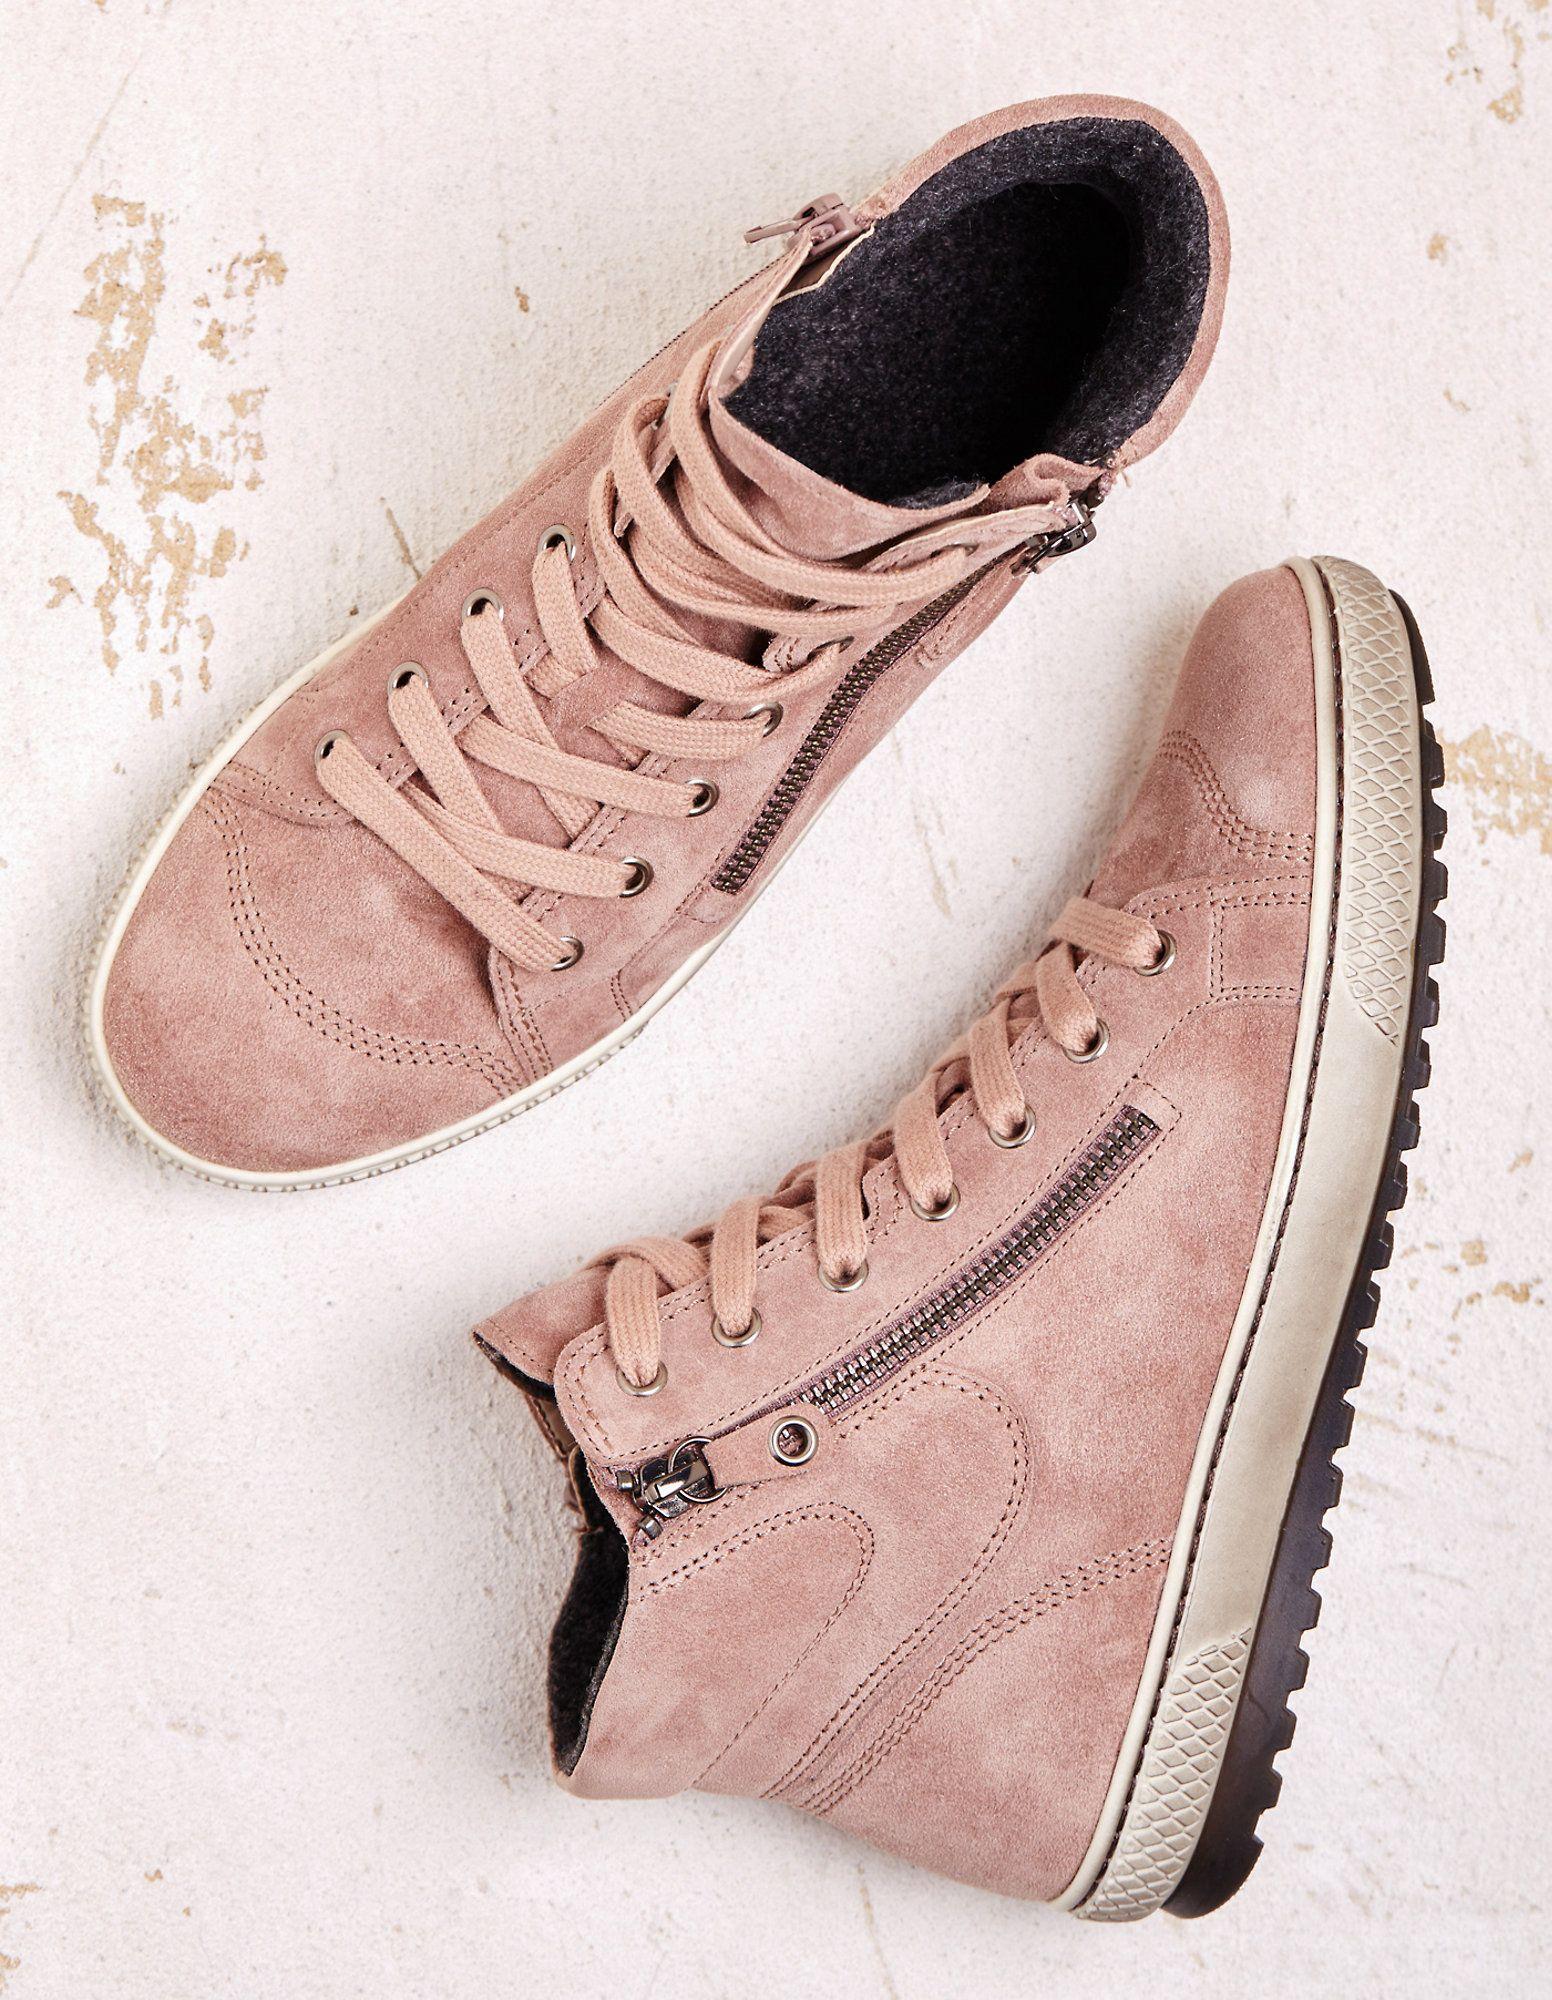 Sneaker Style Der Extraklasse Hat Gabor Mit Diesen Trendigen Damen Stiefeletten Entworfen Die Zwei Reissverschluss Gabor Stiefeletten Gabor Schuhe Stiefeletten